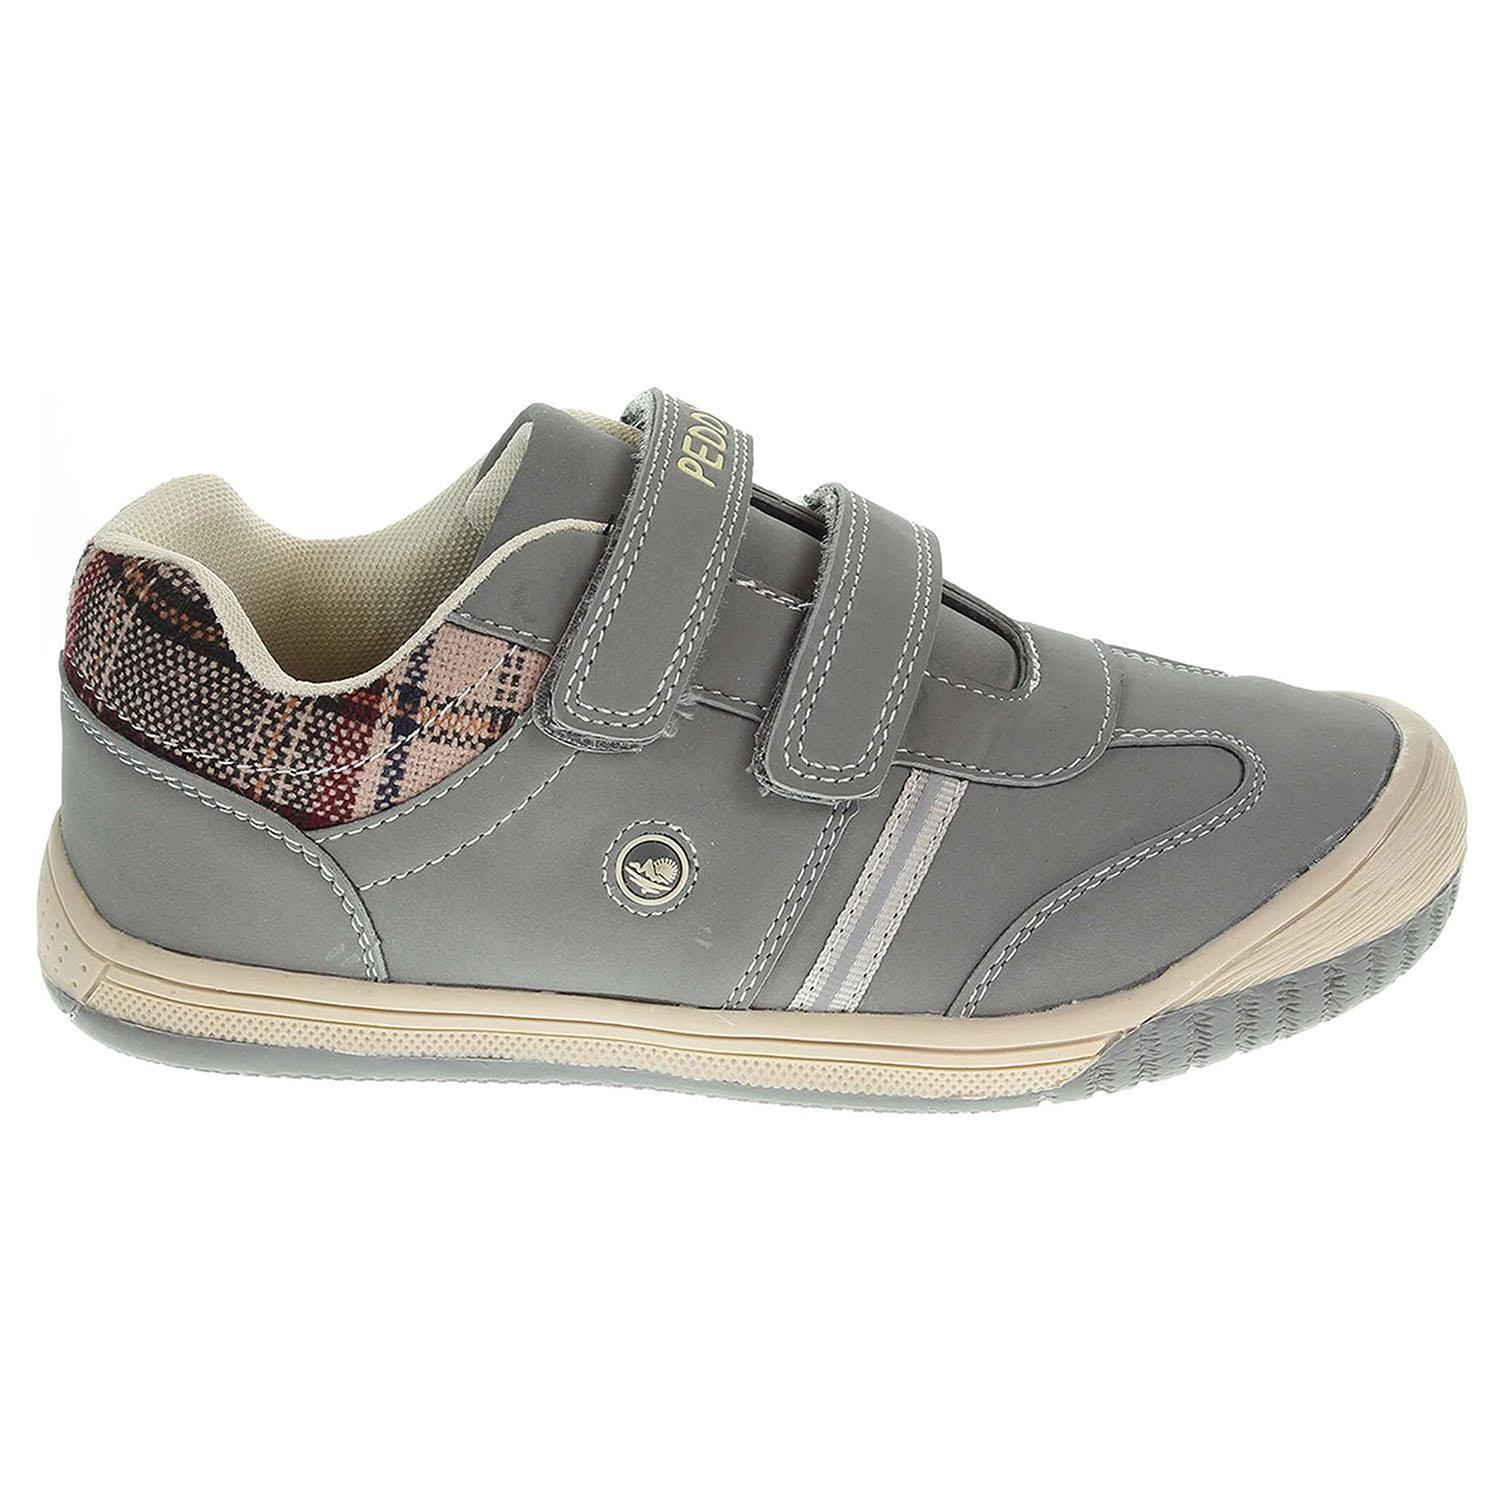 Ecco Peddy chlapecká obuv PU-525-32-09 šedá 29700061